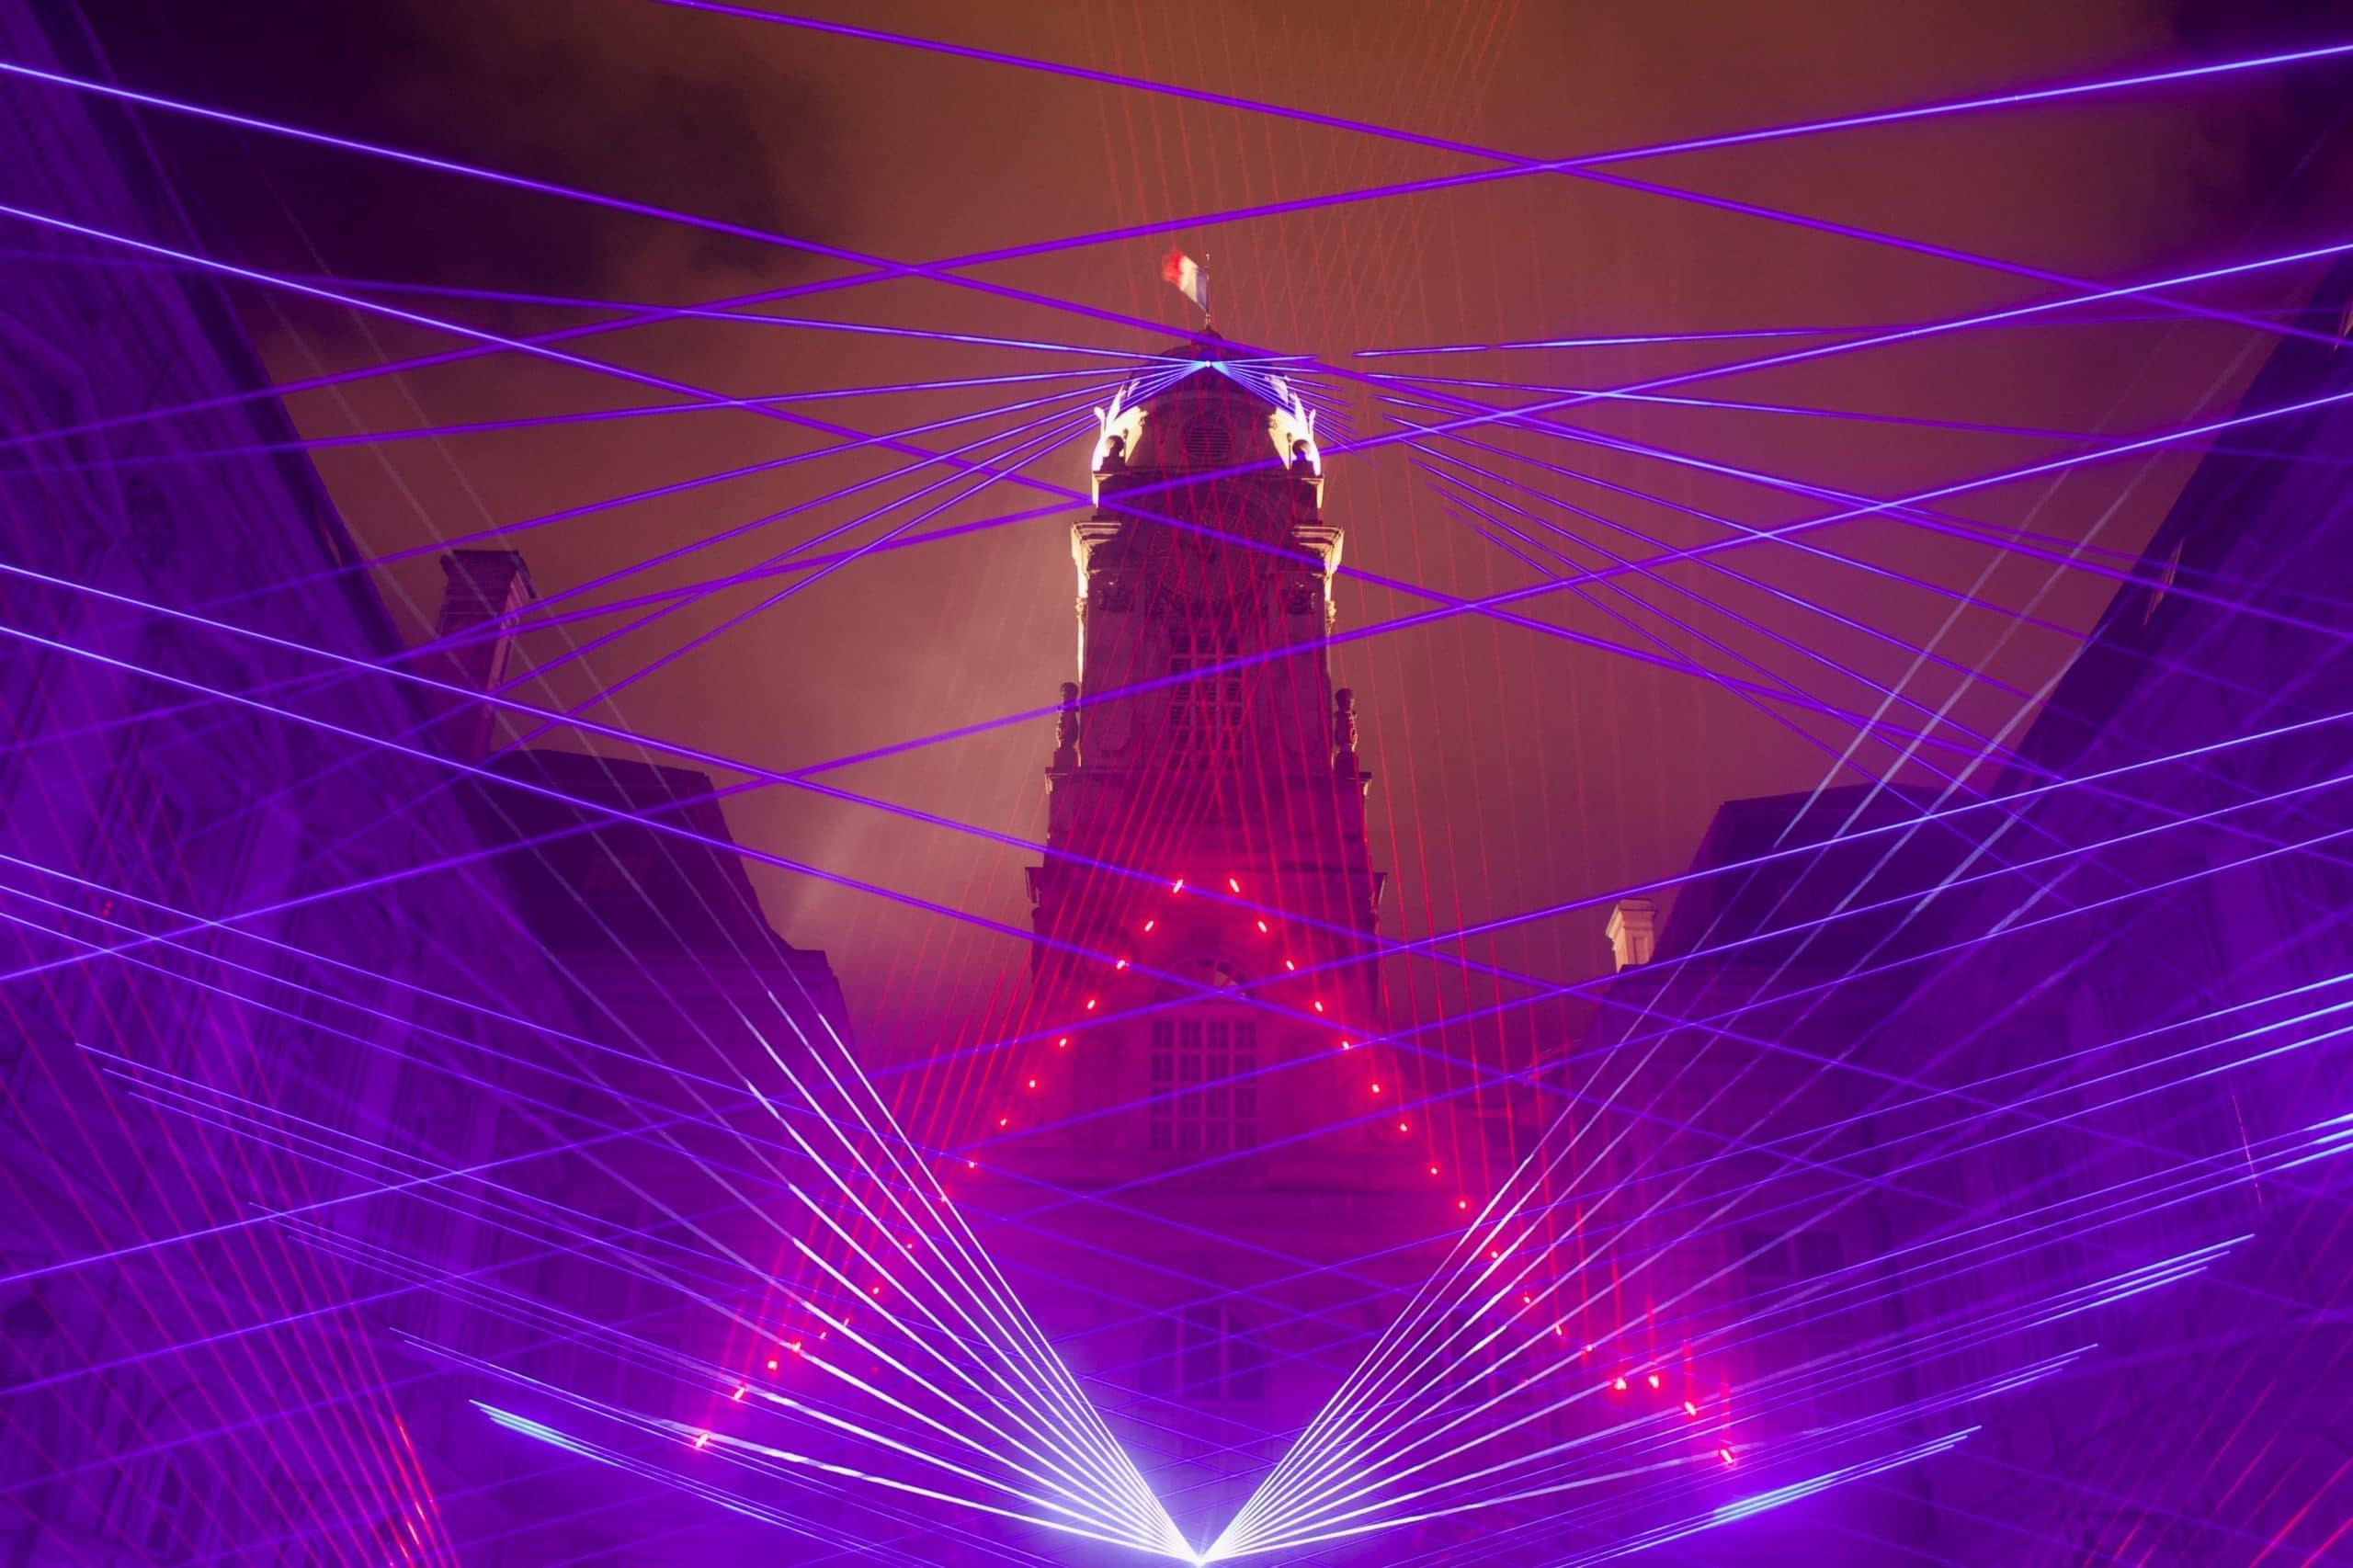 lazer teknolojisi-lazerlerle yapılan bir gösteri